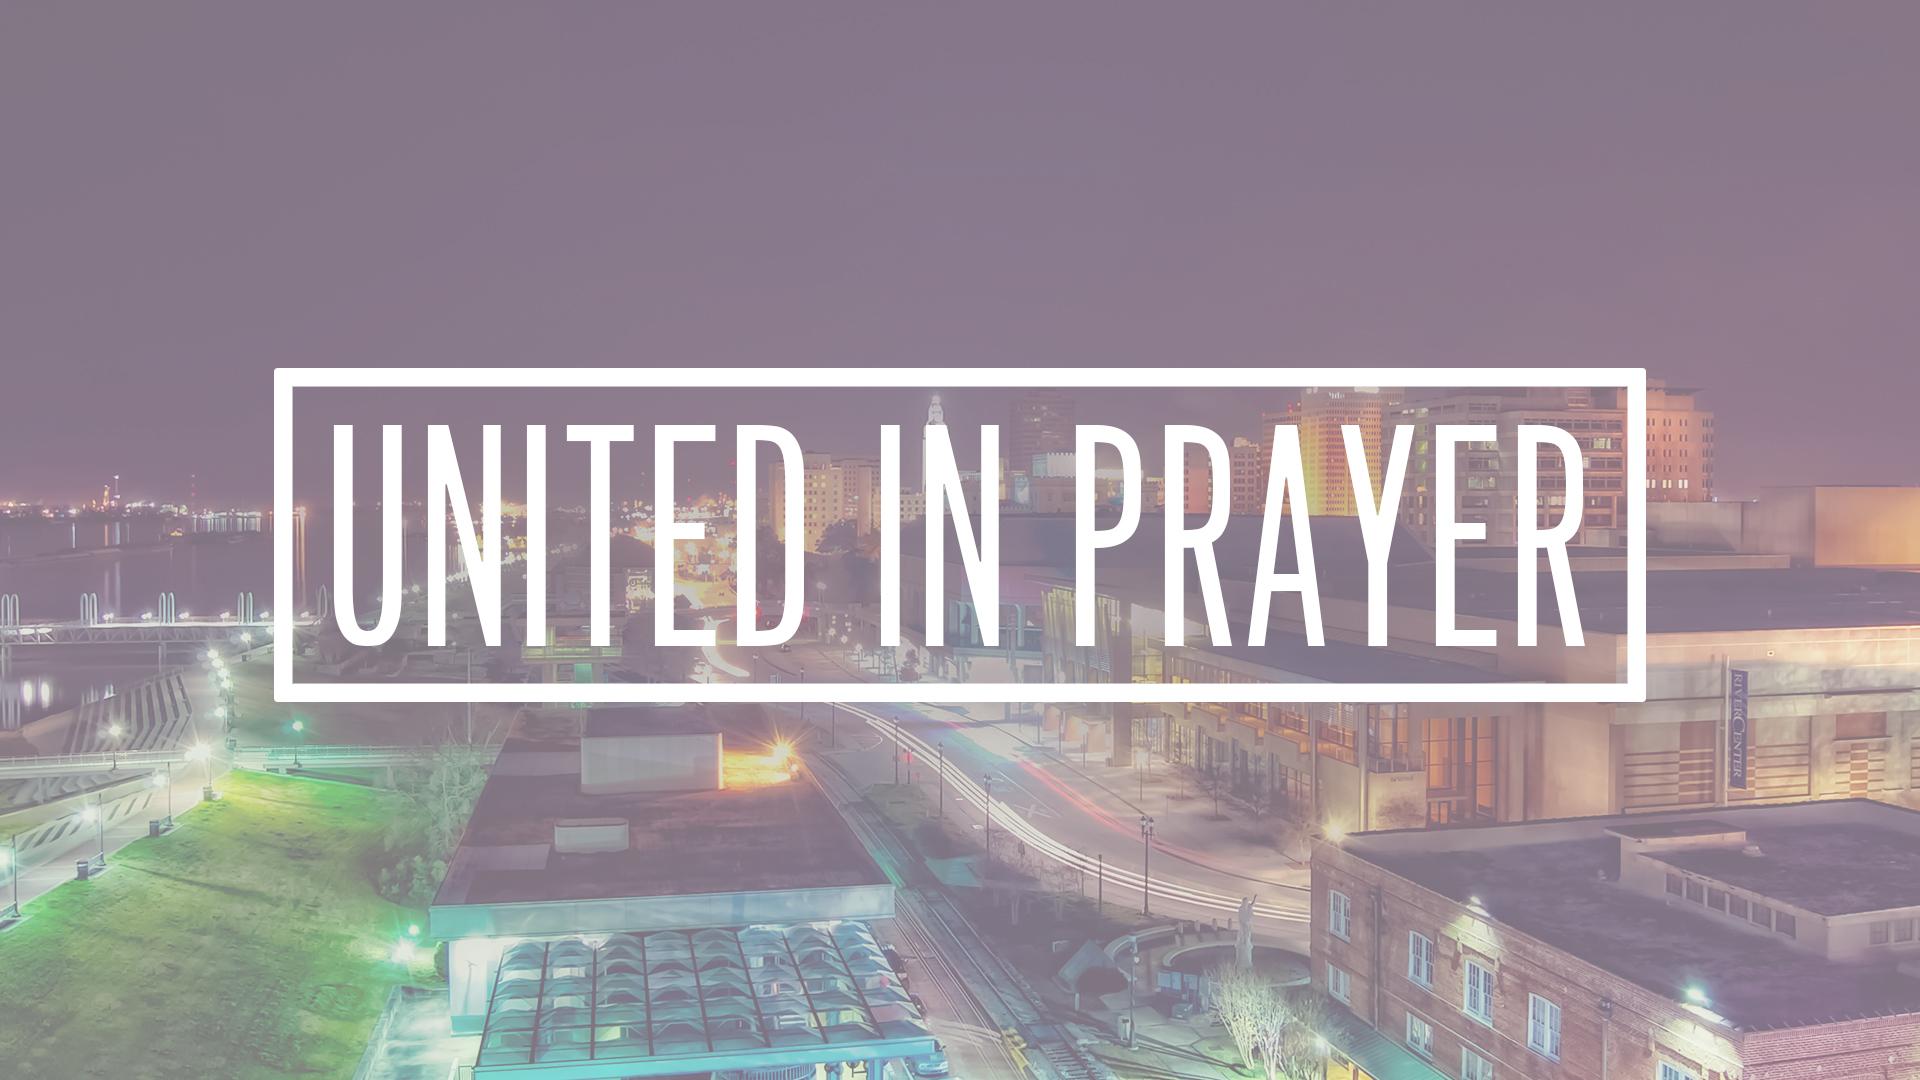 United-in-Prayer1.jpg